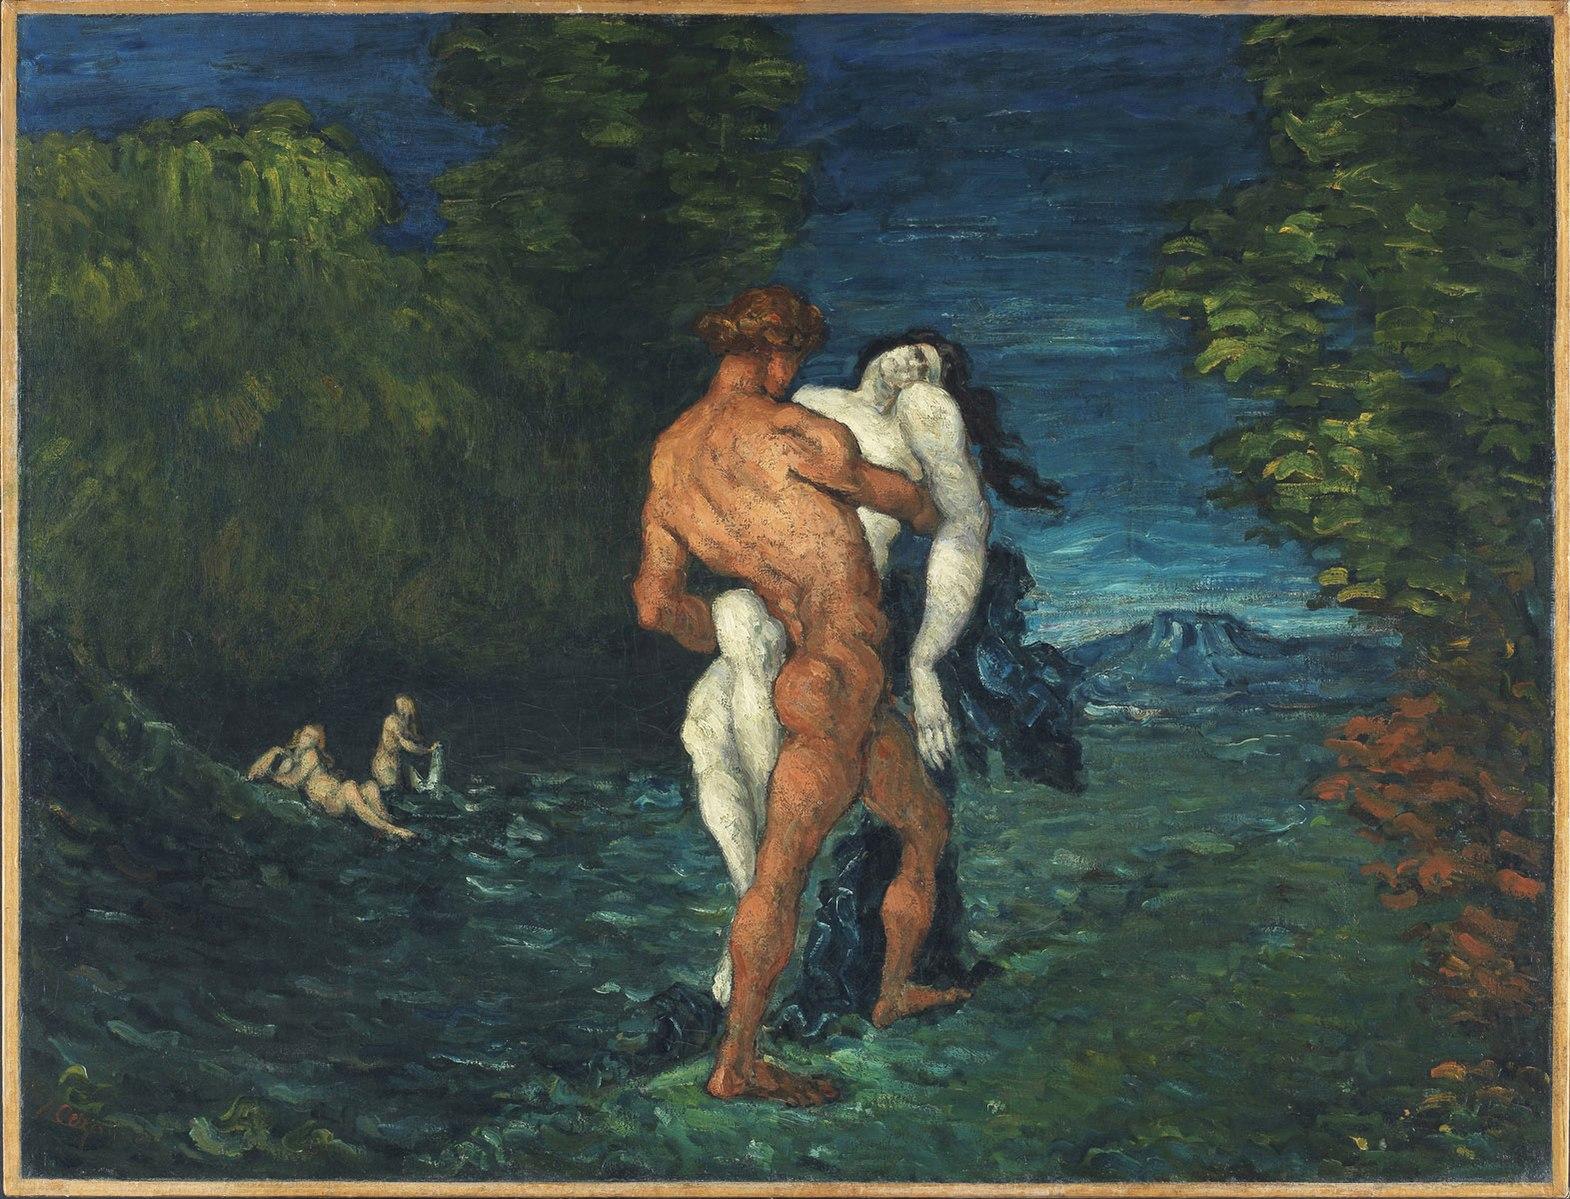 The Abduction, 1867 (L'Enlèvement)